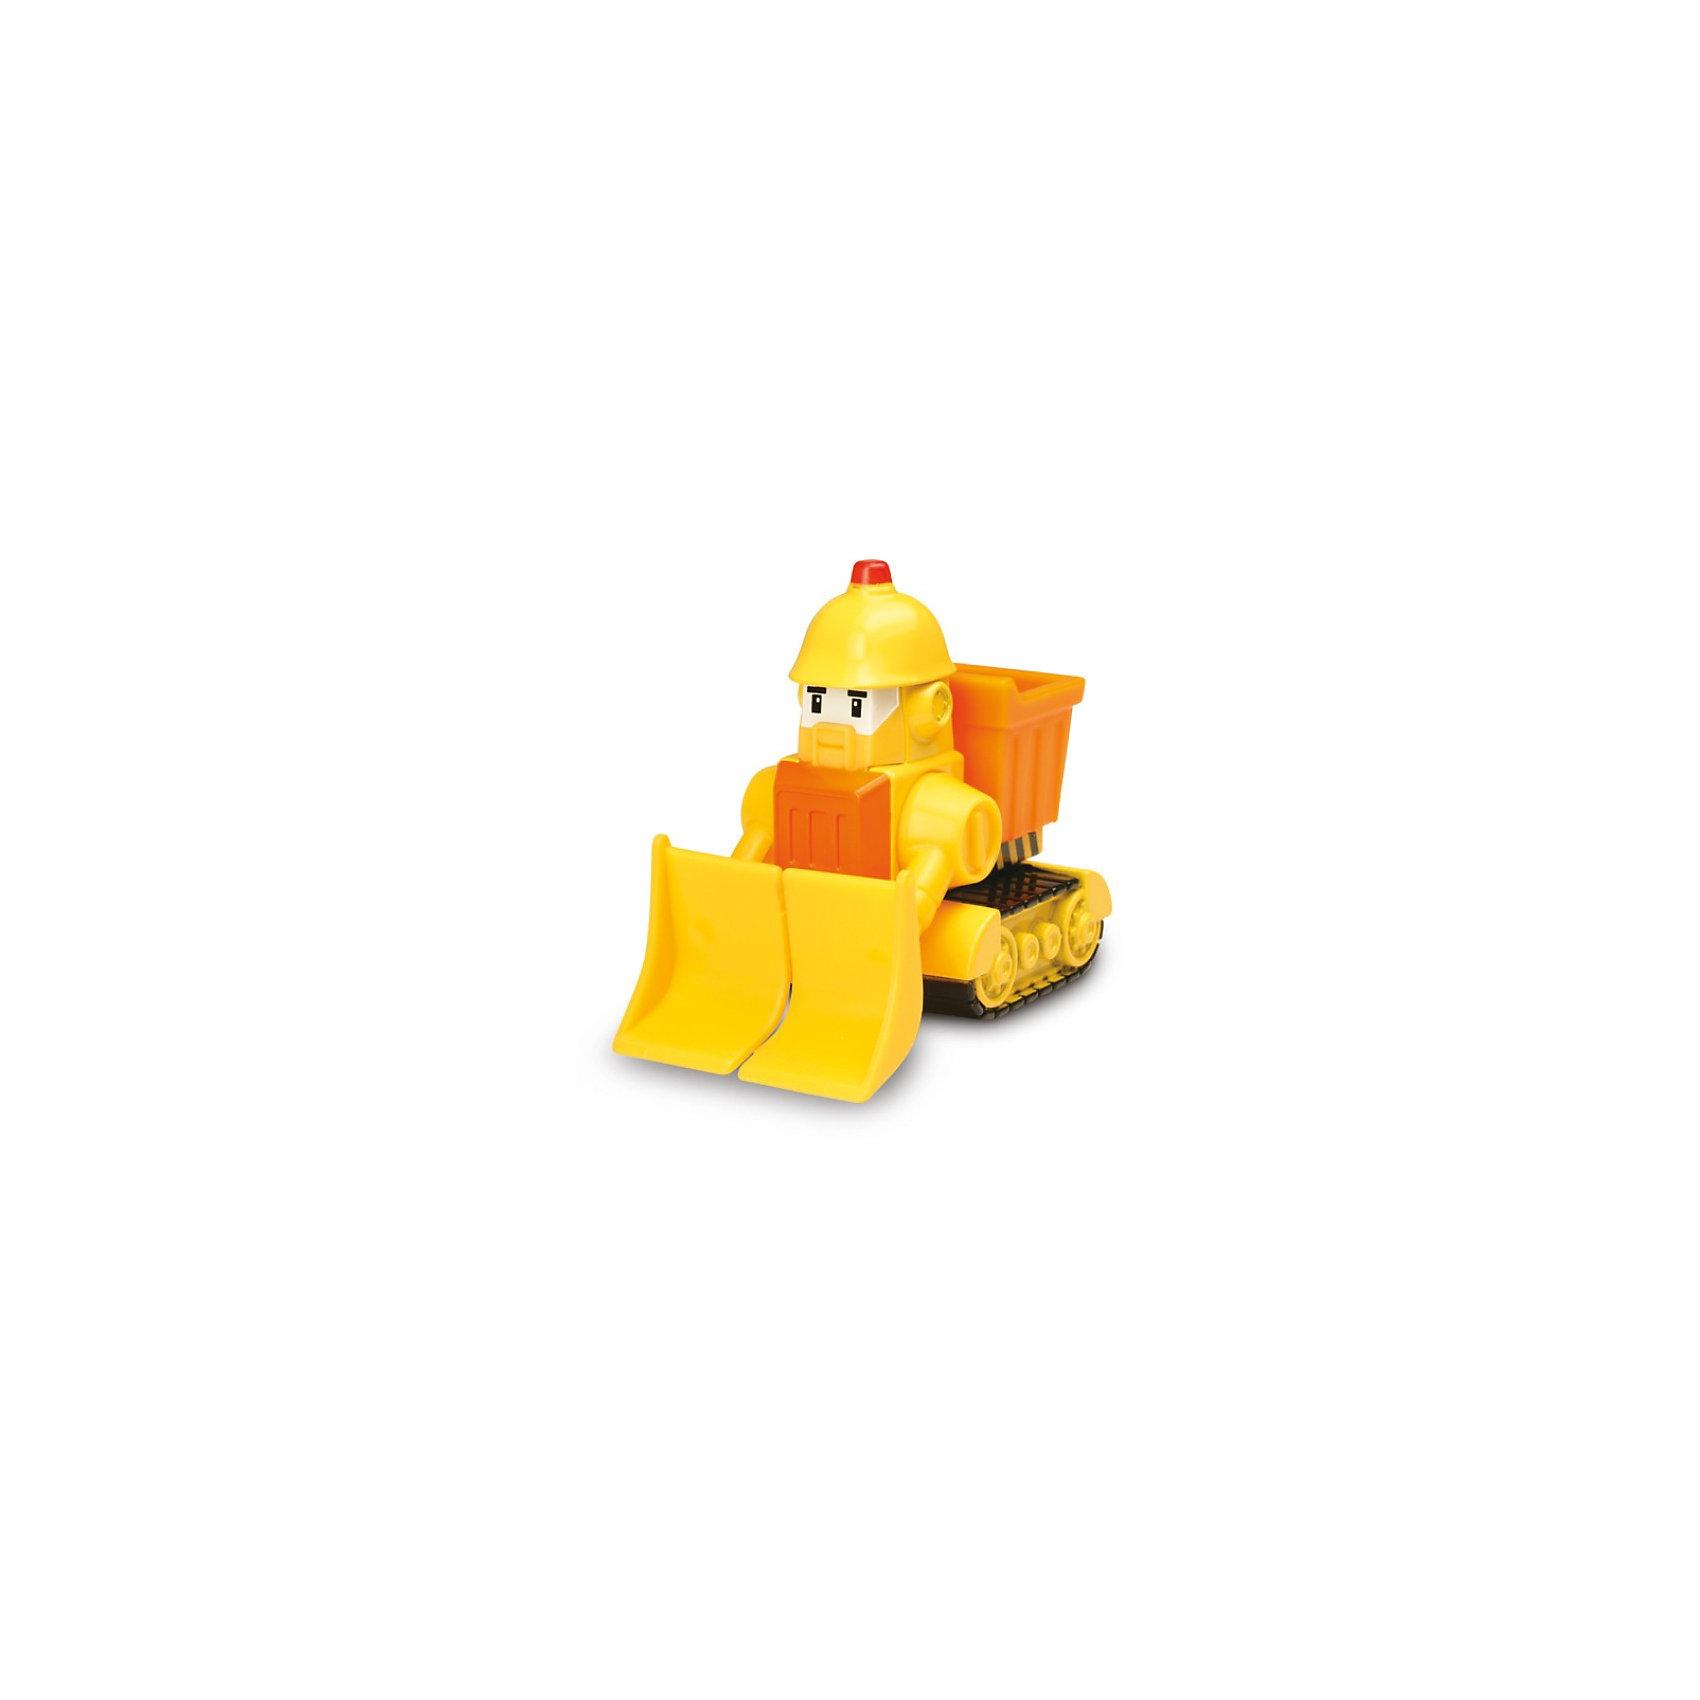 Silverlit Игрушка Металлическая машинка Брунер, 6см, Робокар Поли машинка брунер poli robocar